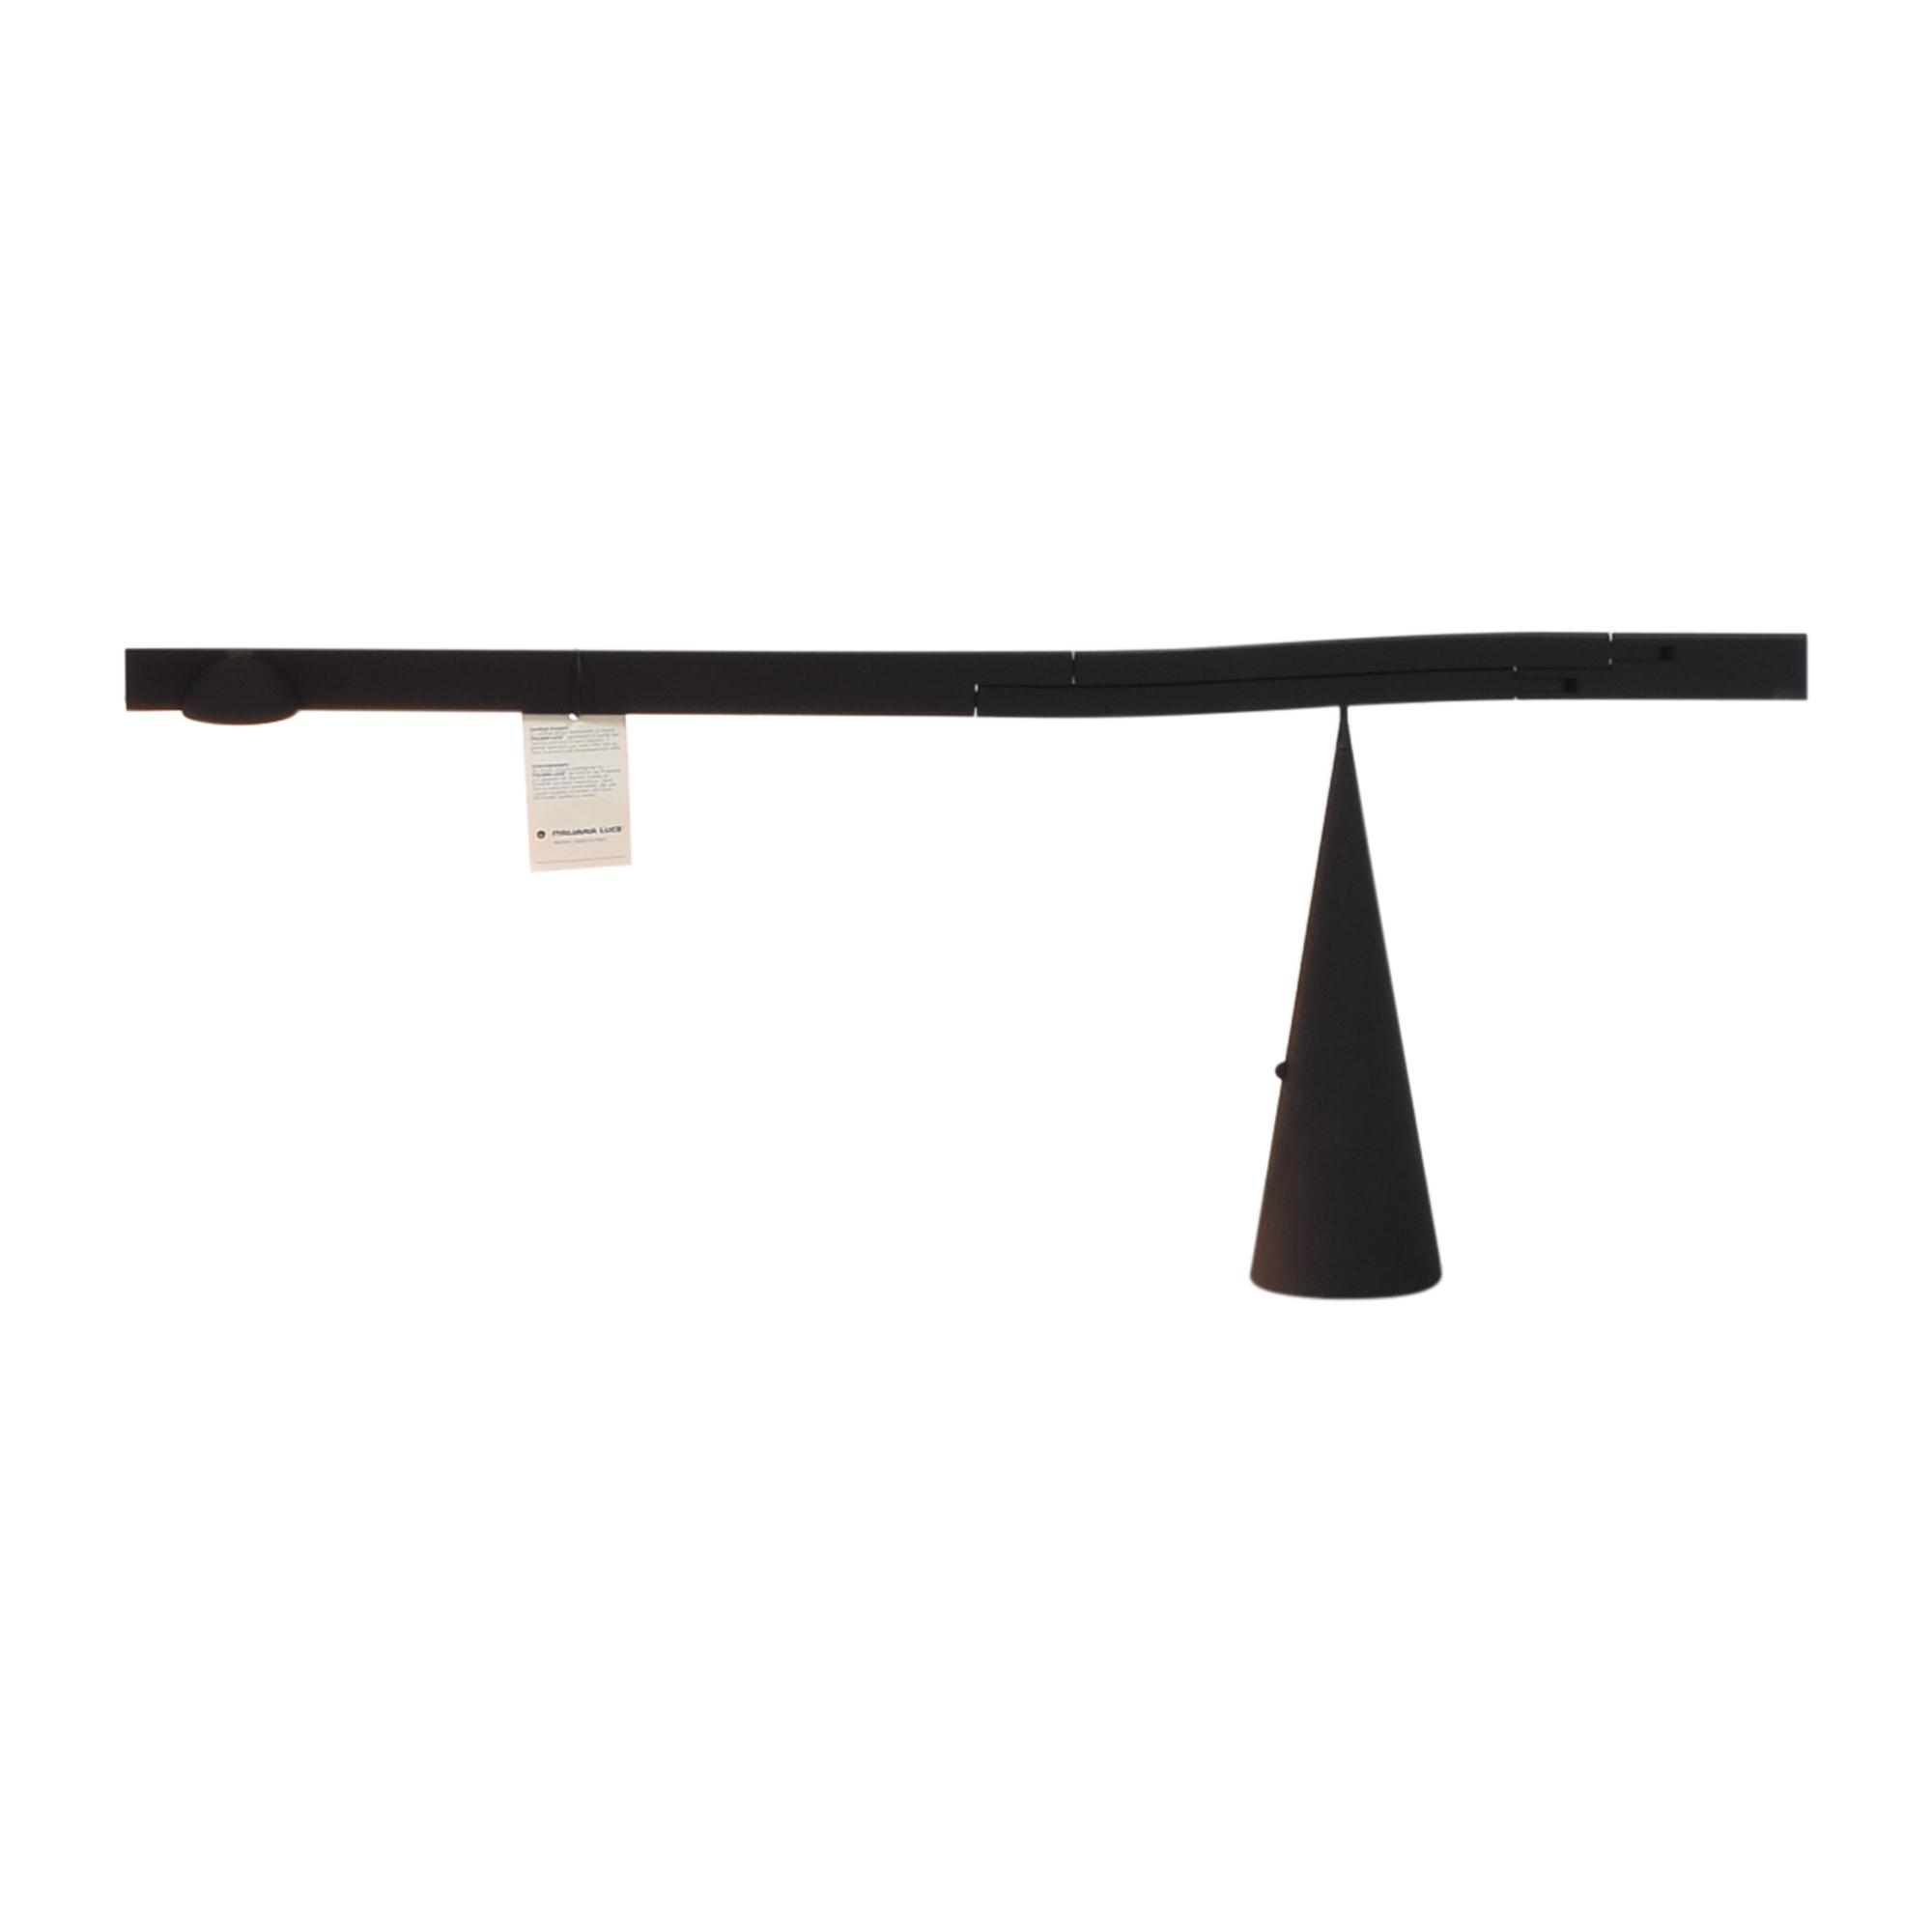 Italiana Luce Italiana Luce Tabla Table Lamp dimensions